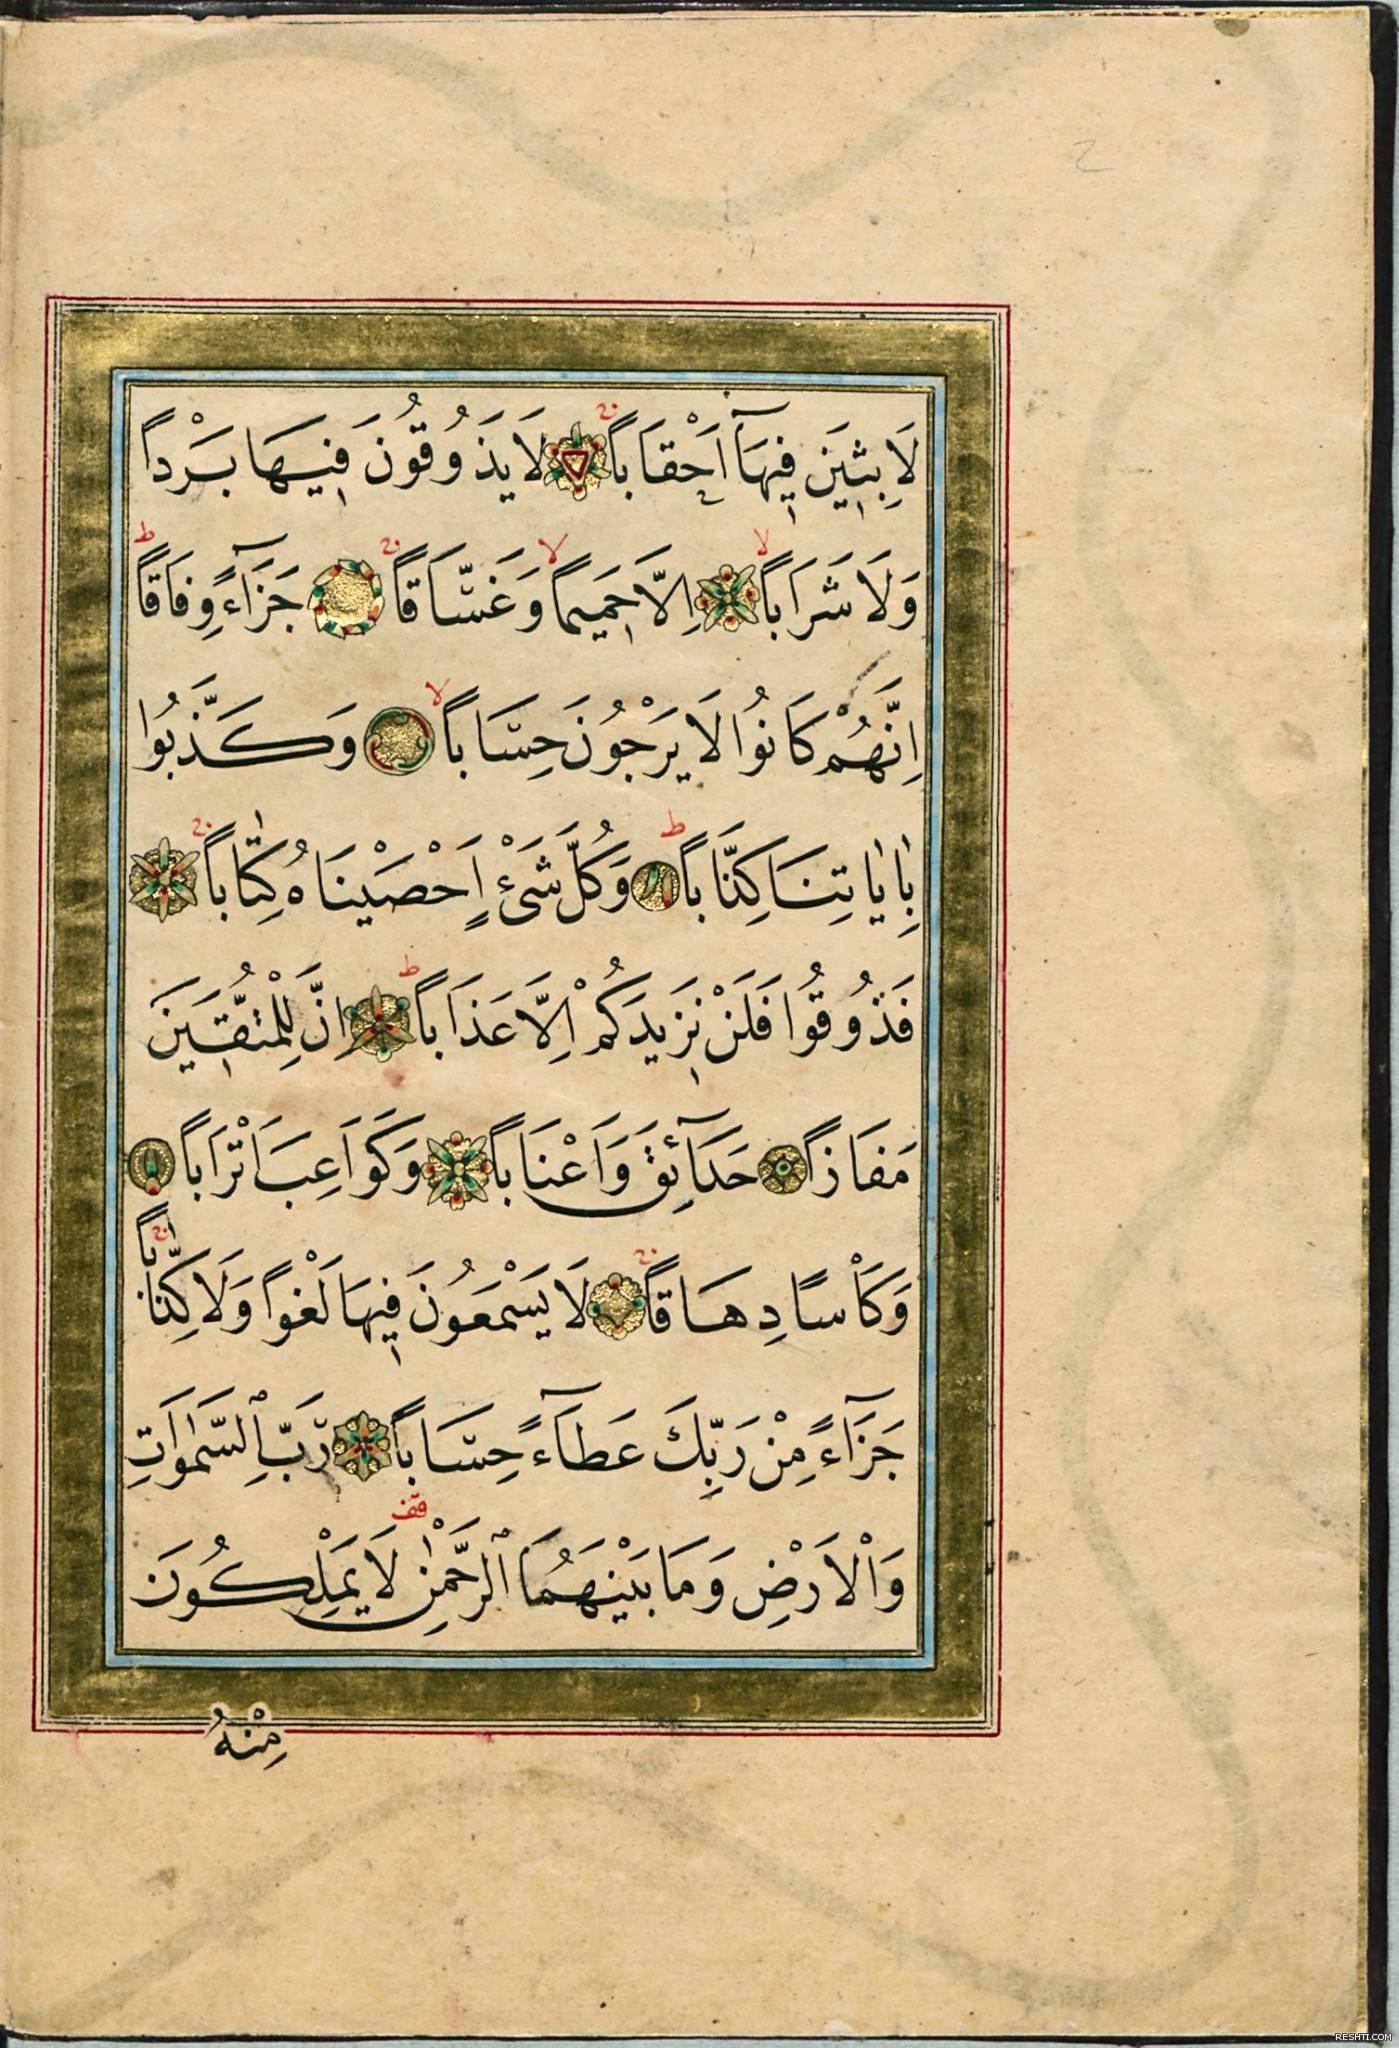 جزء عم لخطاط الحرم النبوي السيد عبد الله الزهدي التميمي 3